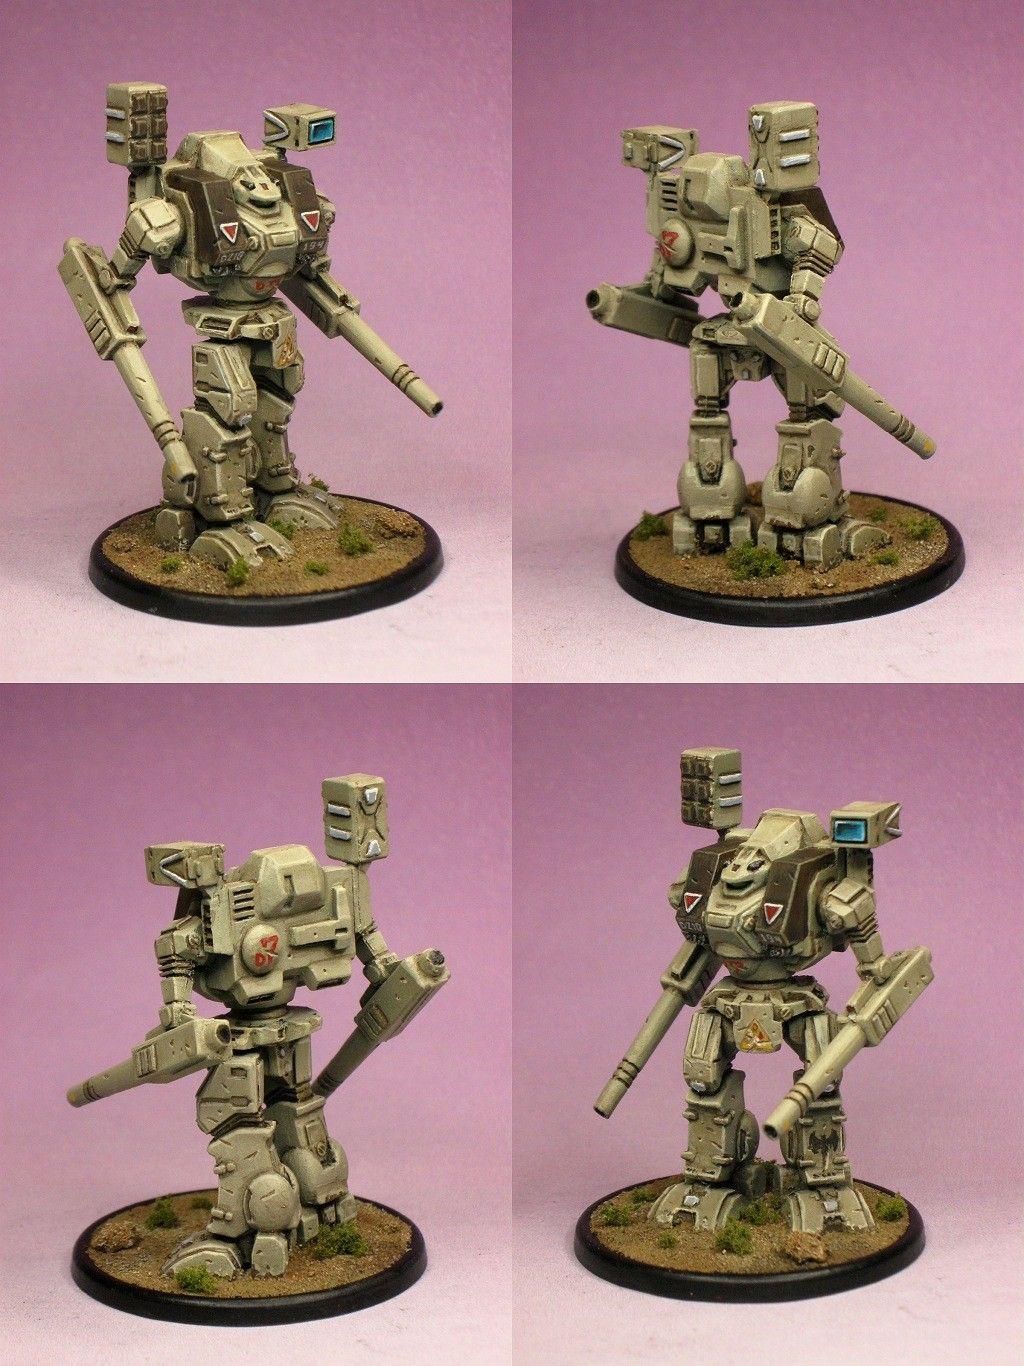 Warhammer Robotech macross, Mech, Miniatures